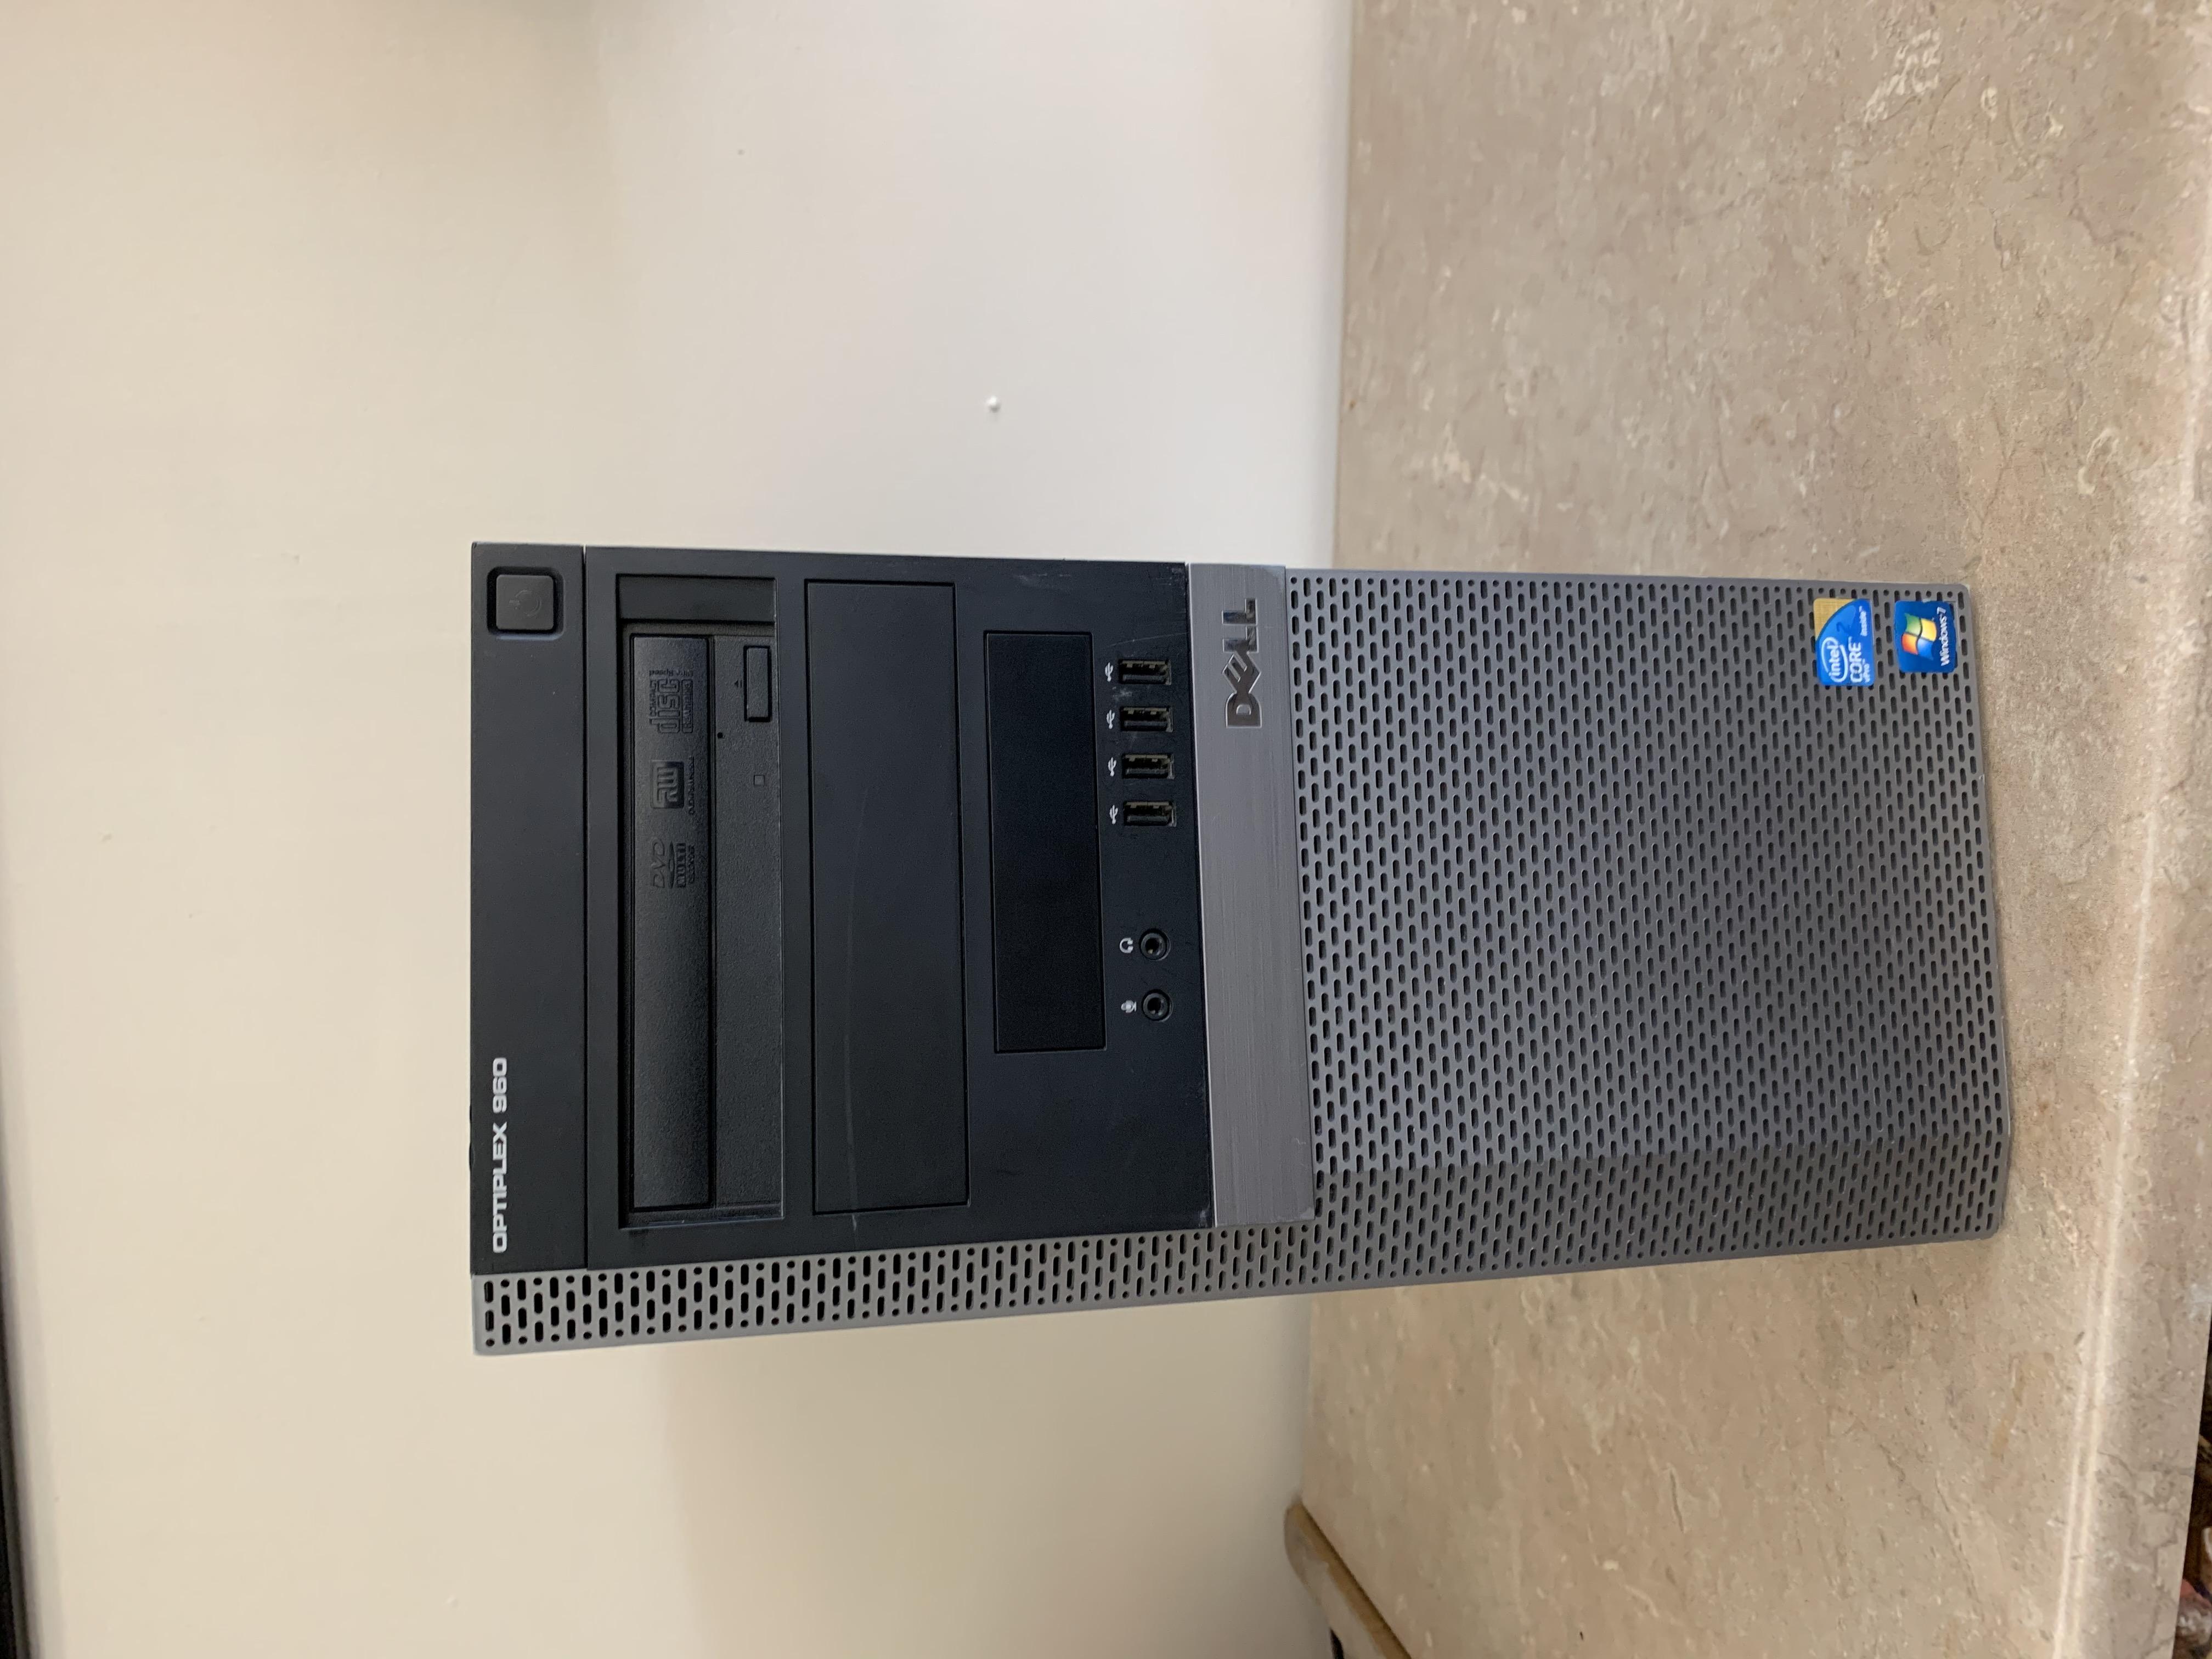 Dell-OptiPlex-960-MT-Desktop